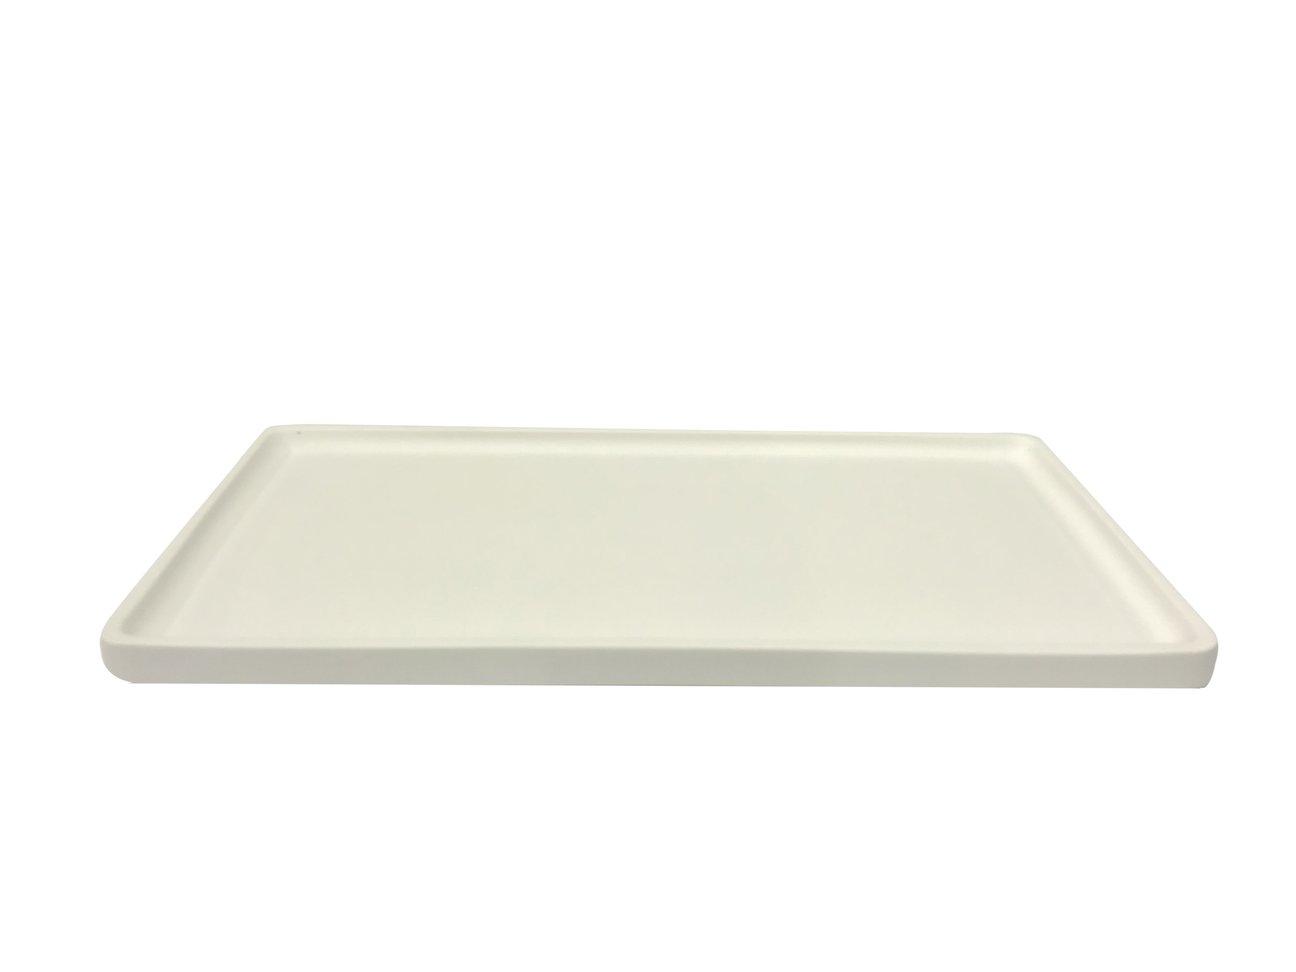 LIKEconcrete - Karin Tray Medium 40 x 20 x 2 cm - White (93771)